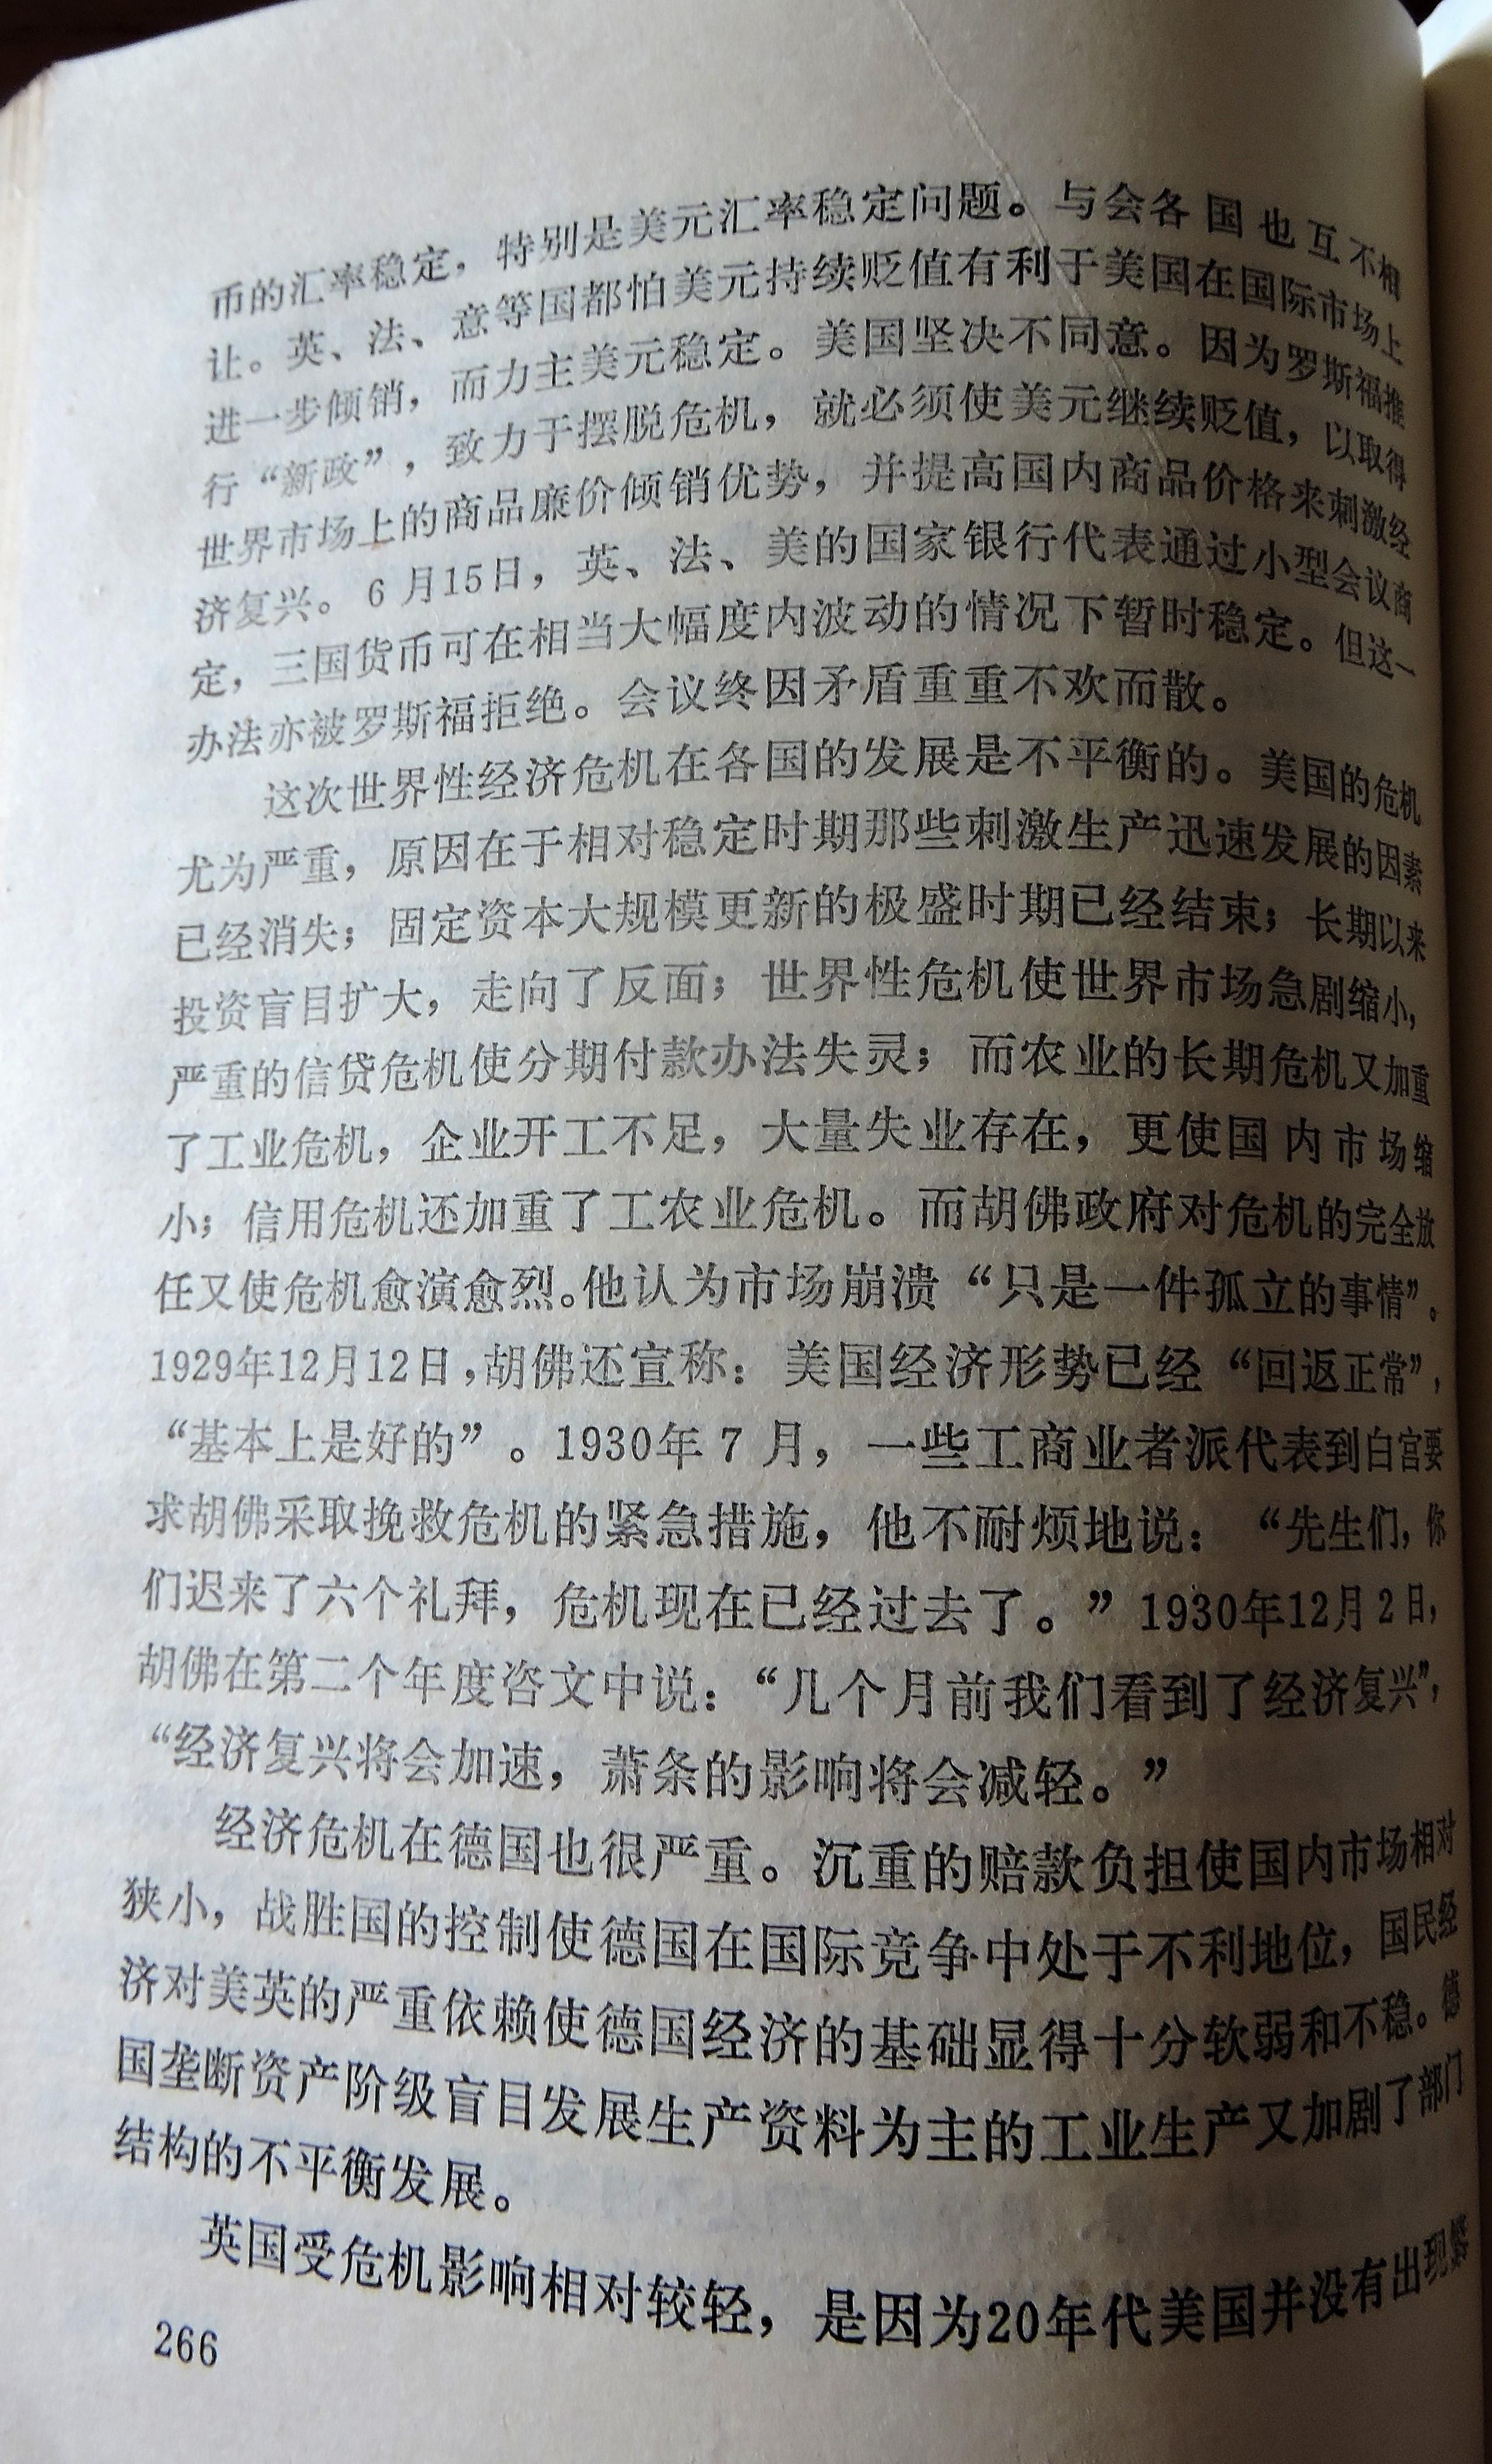 7 DSCN7890.jpg